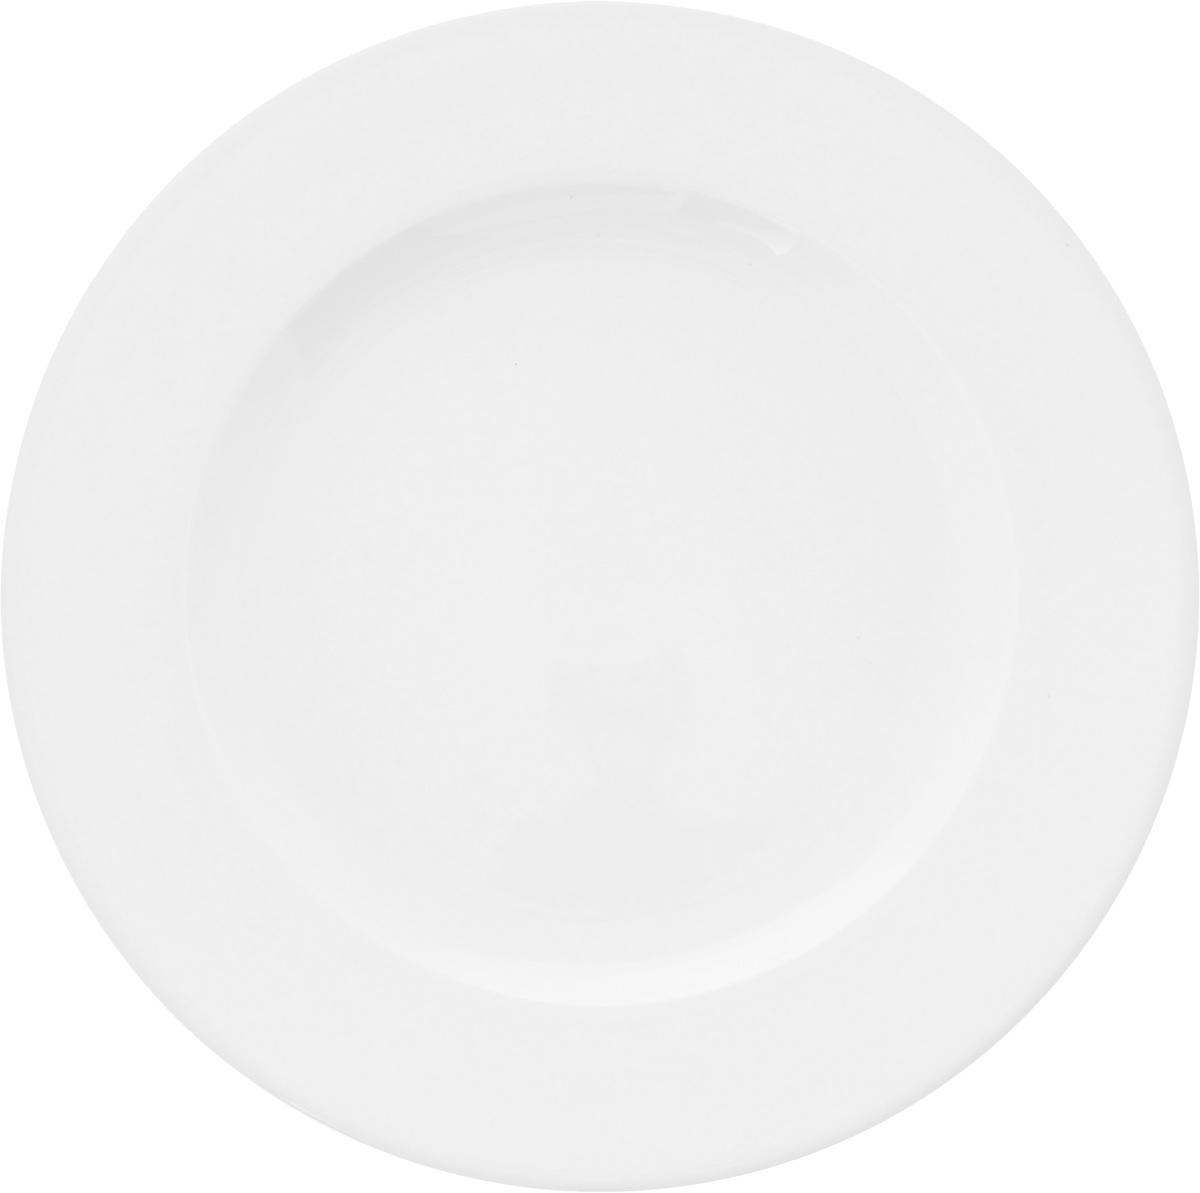 Тарелка Ariane Прайм, диаметр 24 см115510Оригинальная тарелка Ariane Прайм изготовлена из высококачественного фарфора с глазурованным покрытием. Изделие круглой формы идеально подходит для сервировки закусок и других блюд. Такая тарелка прекрасно впишется в интерьер вашей кухни и станет достойным дополнением к кухонному инвентарю. Можно мыть в посудомоечной машине и использовать в микроволновой печи. Диаметр тарелки (по верхнему краю): 24 см.